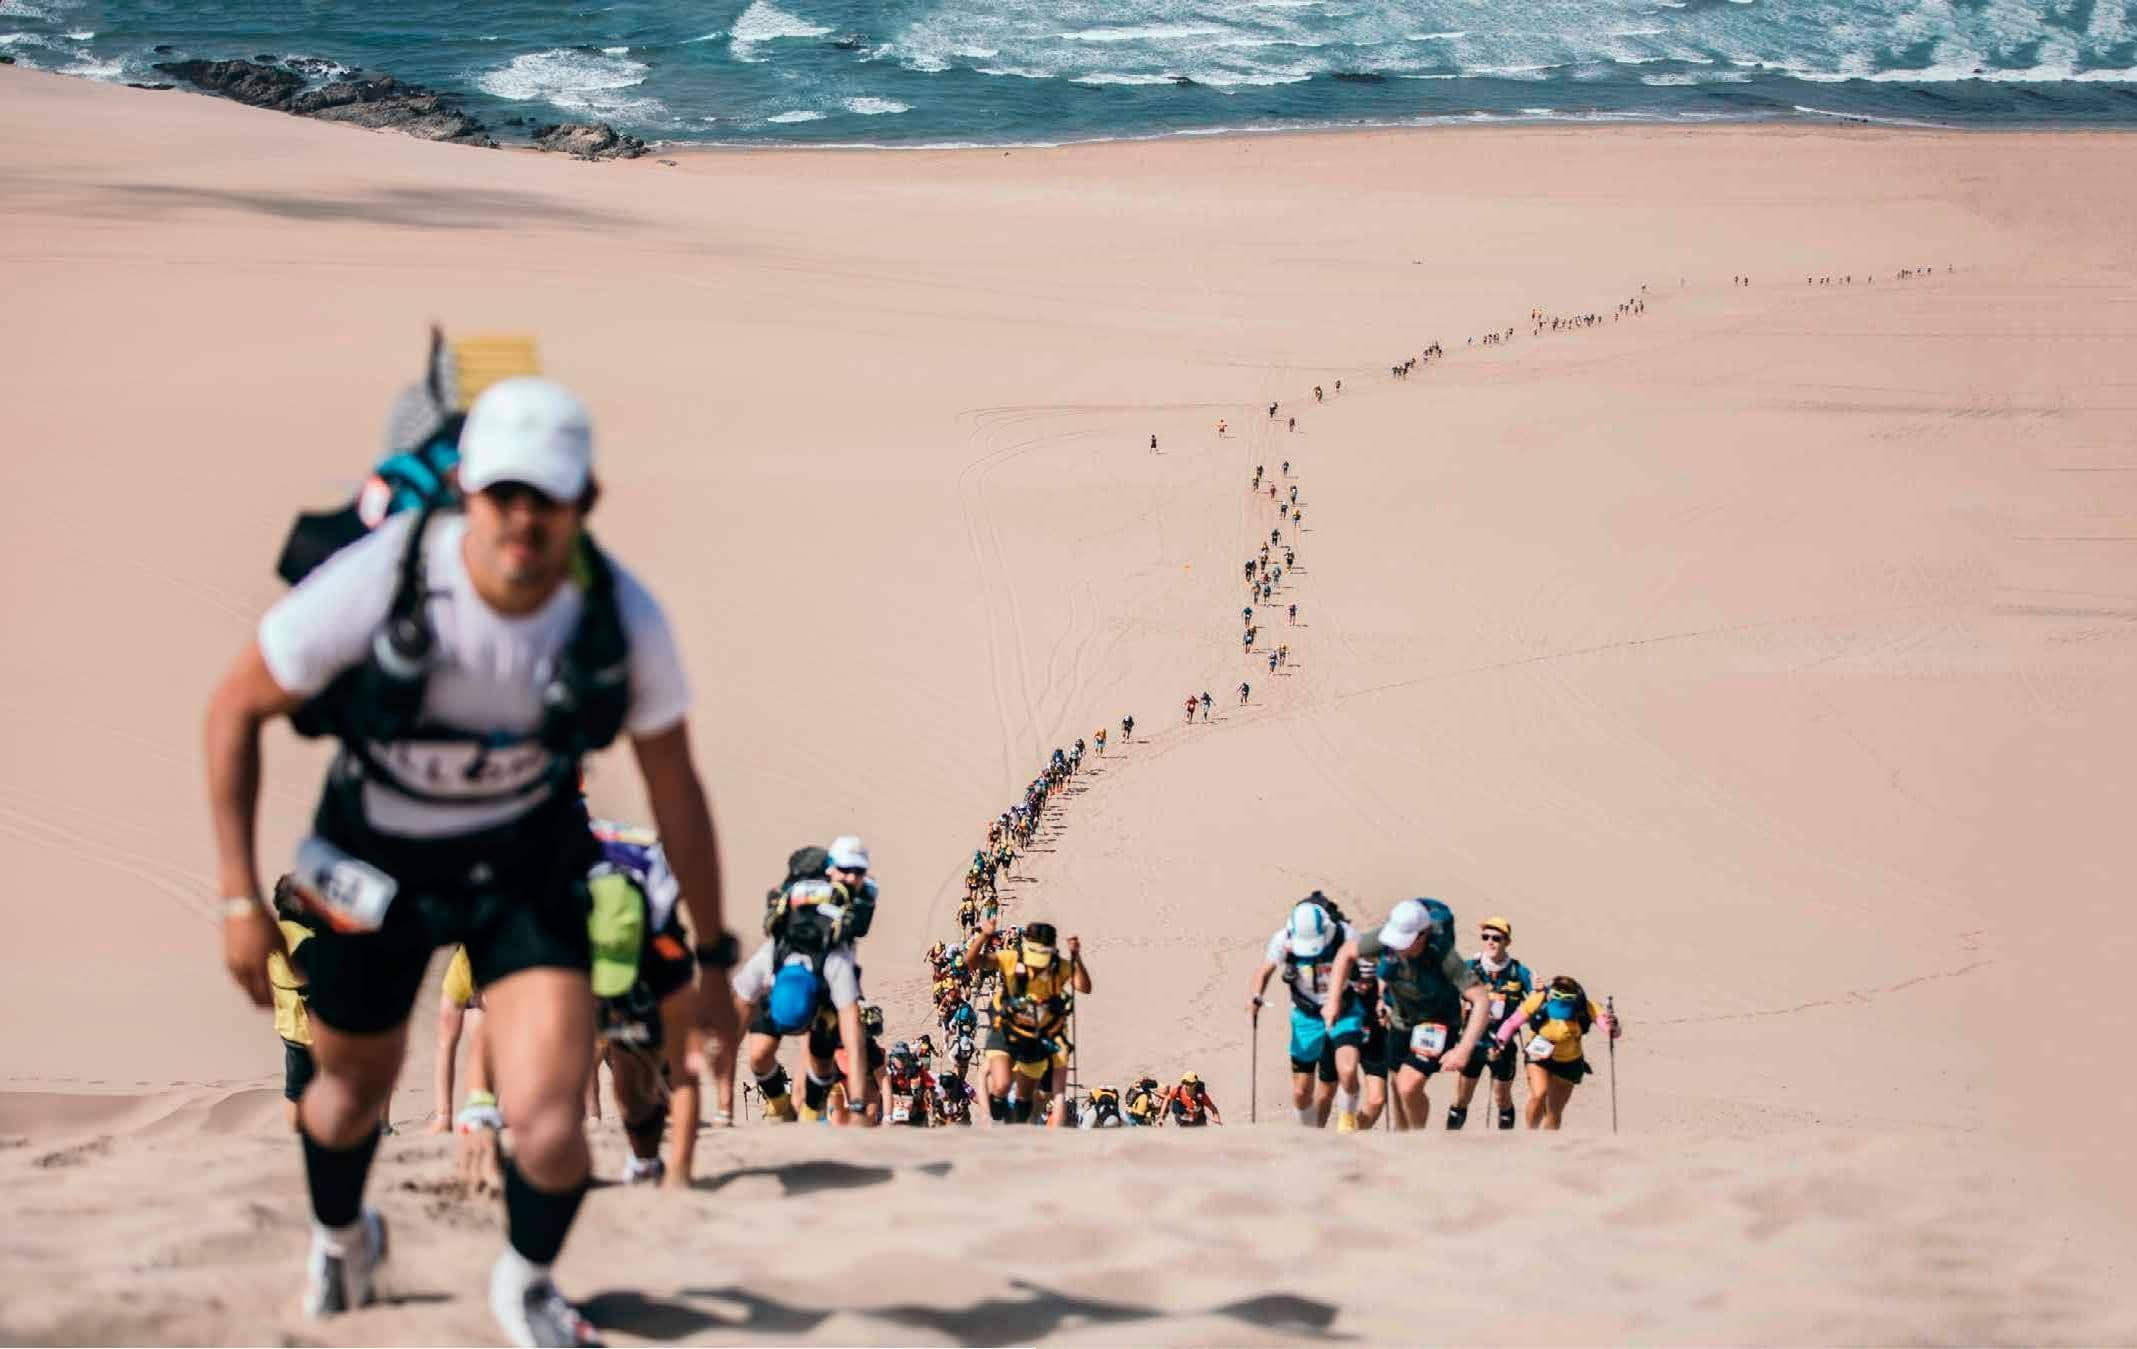 La carrera de las arenas